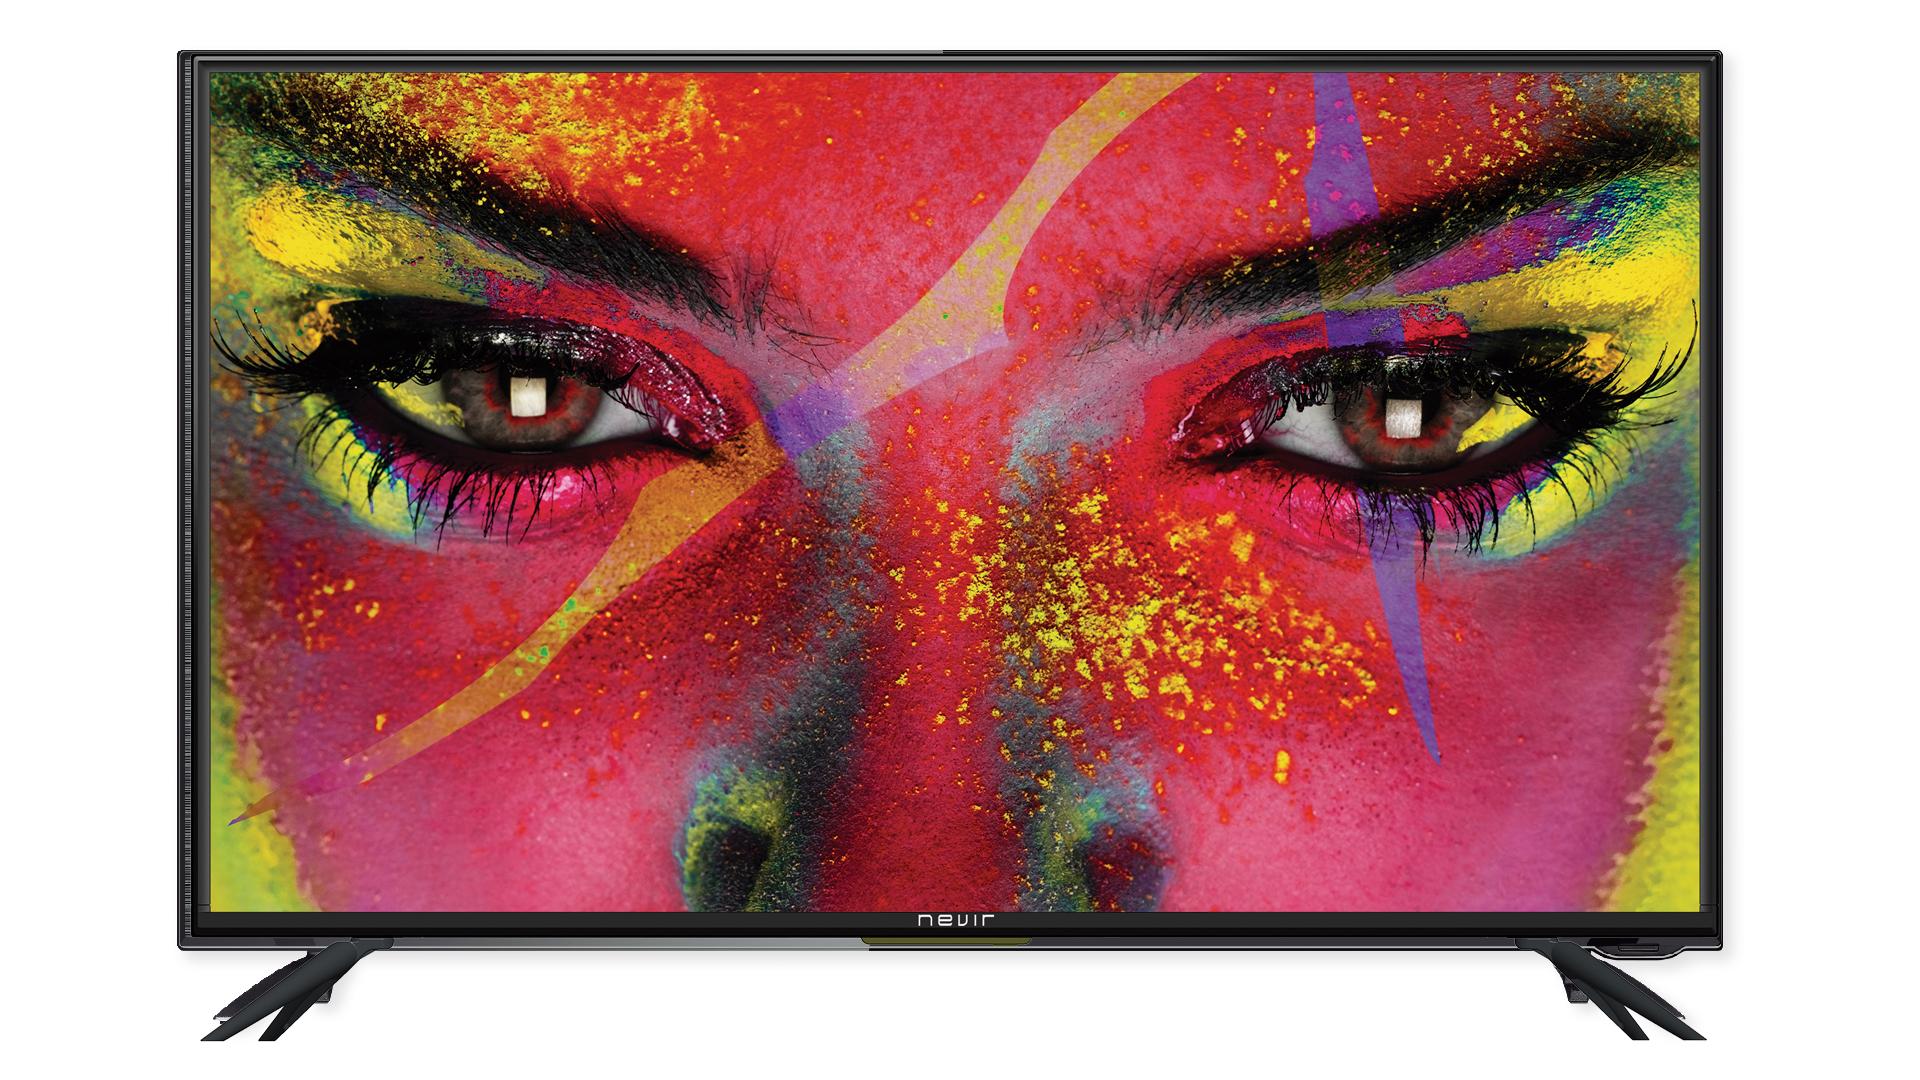 Así vemos el televisor,sencillo y bonito